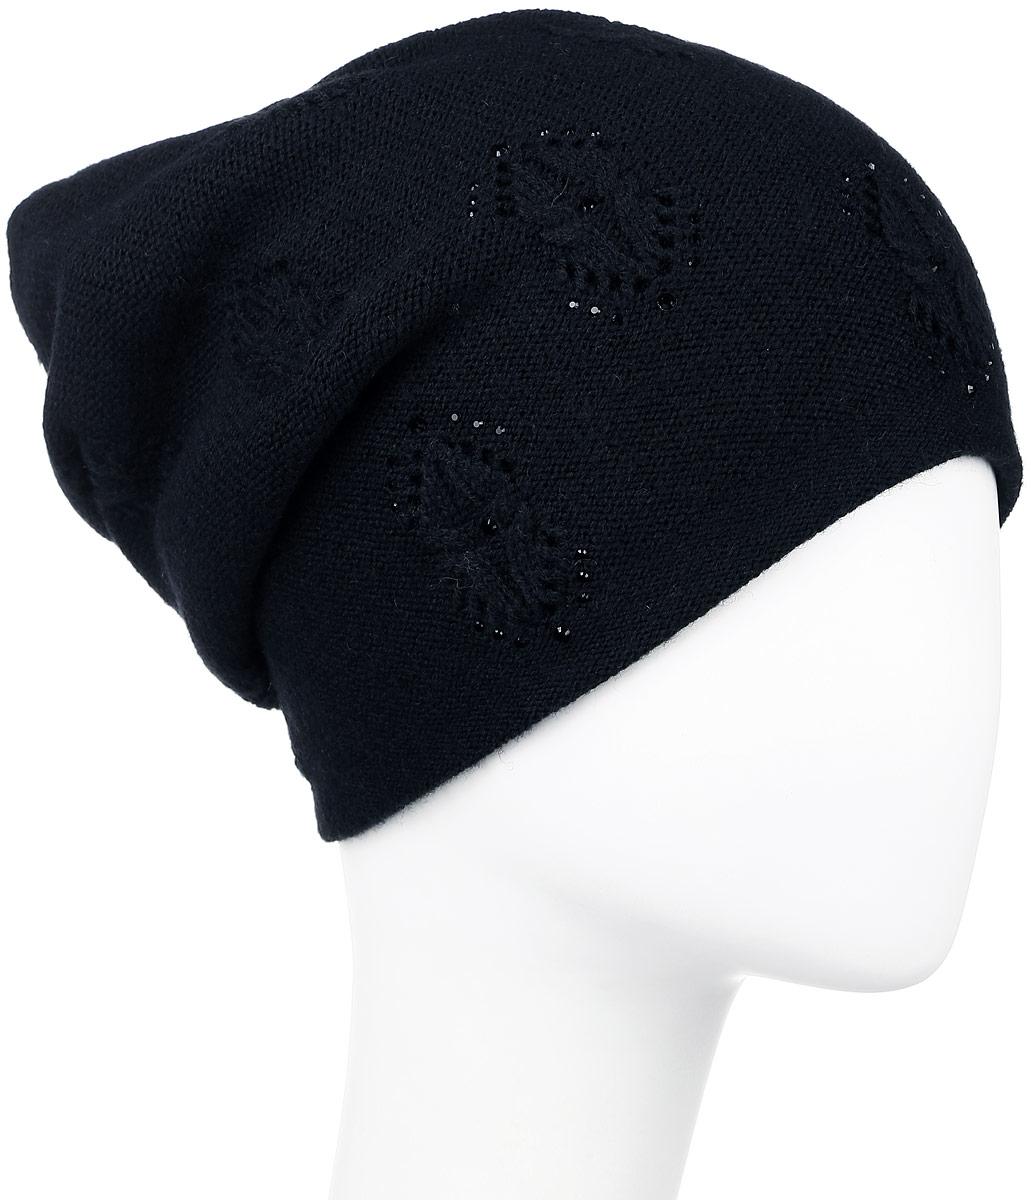 W16-11124_201Стильная женская шапка Finn Flare дополнит ваш наряд и не позволит вам замерзнуть в холодное время года. Шапка выполнена из высококачественной пряжи, что позволяет ей великолепно сохранять тепло и обеспечивает высокую эластичность и удобство посадки. Спереди удлиненная модель оформлена металлической пластиной с названием бренда и стразами. Такая шапка станет модным и стильным дополнением вашего гардероба. Она согреет вас и позволит подчеркнуть свою индивидуальность!